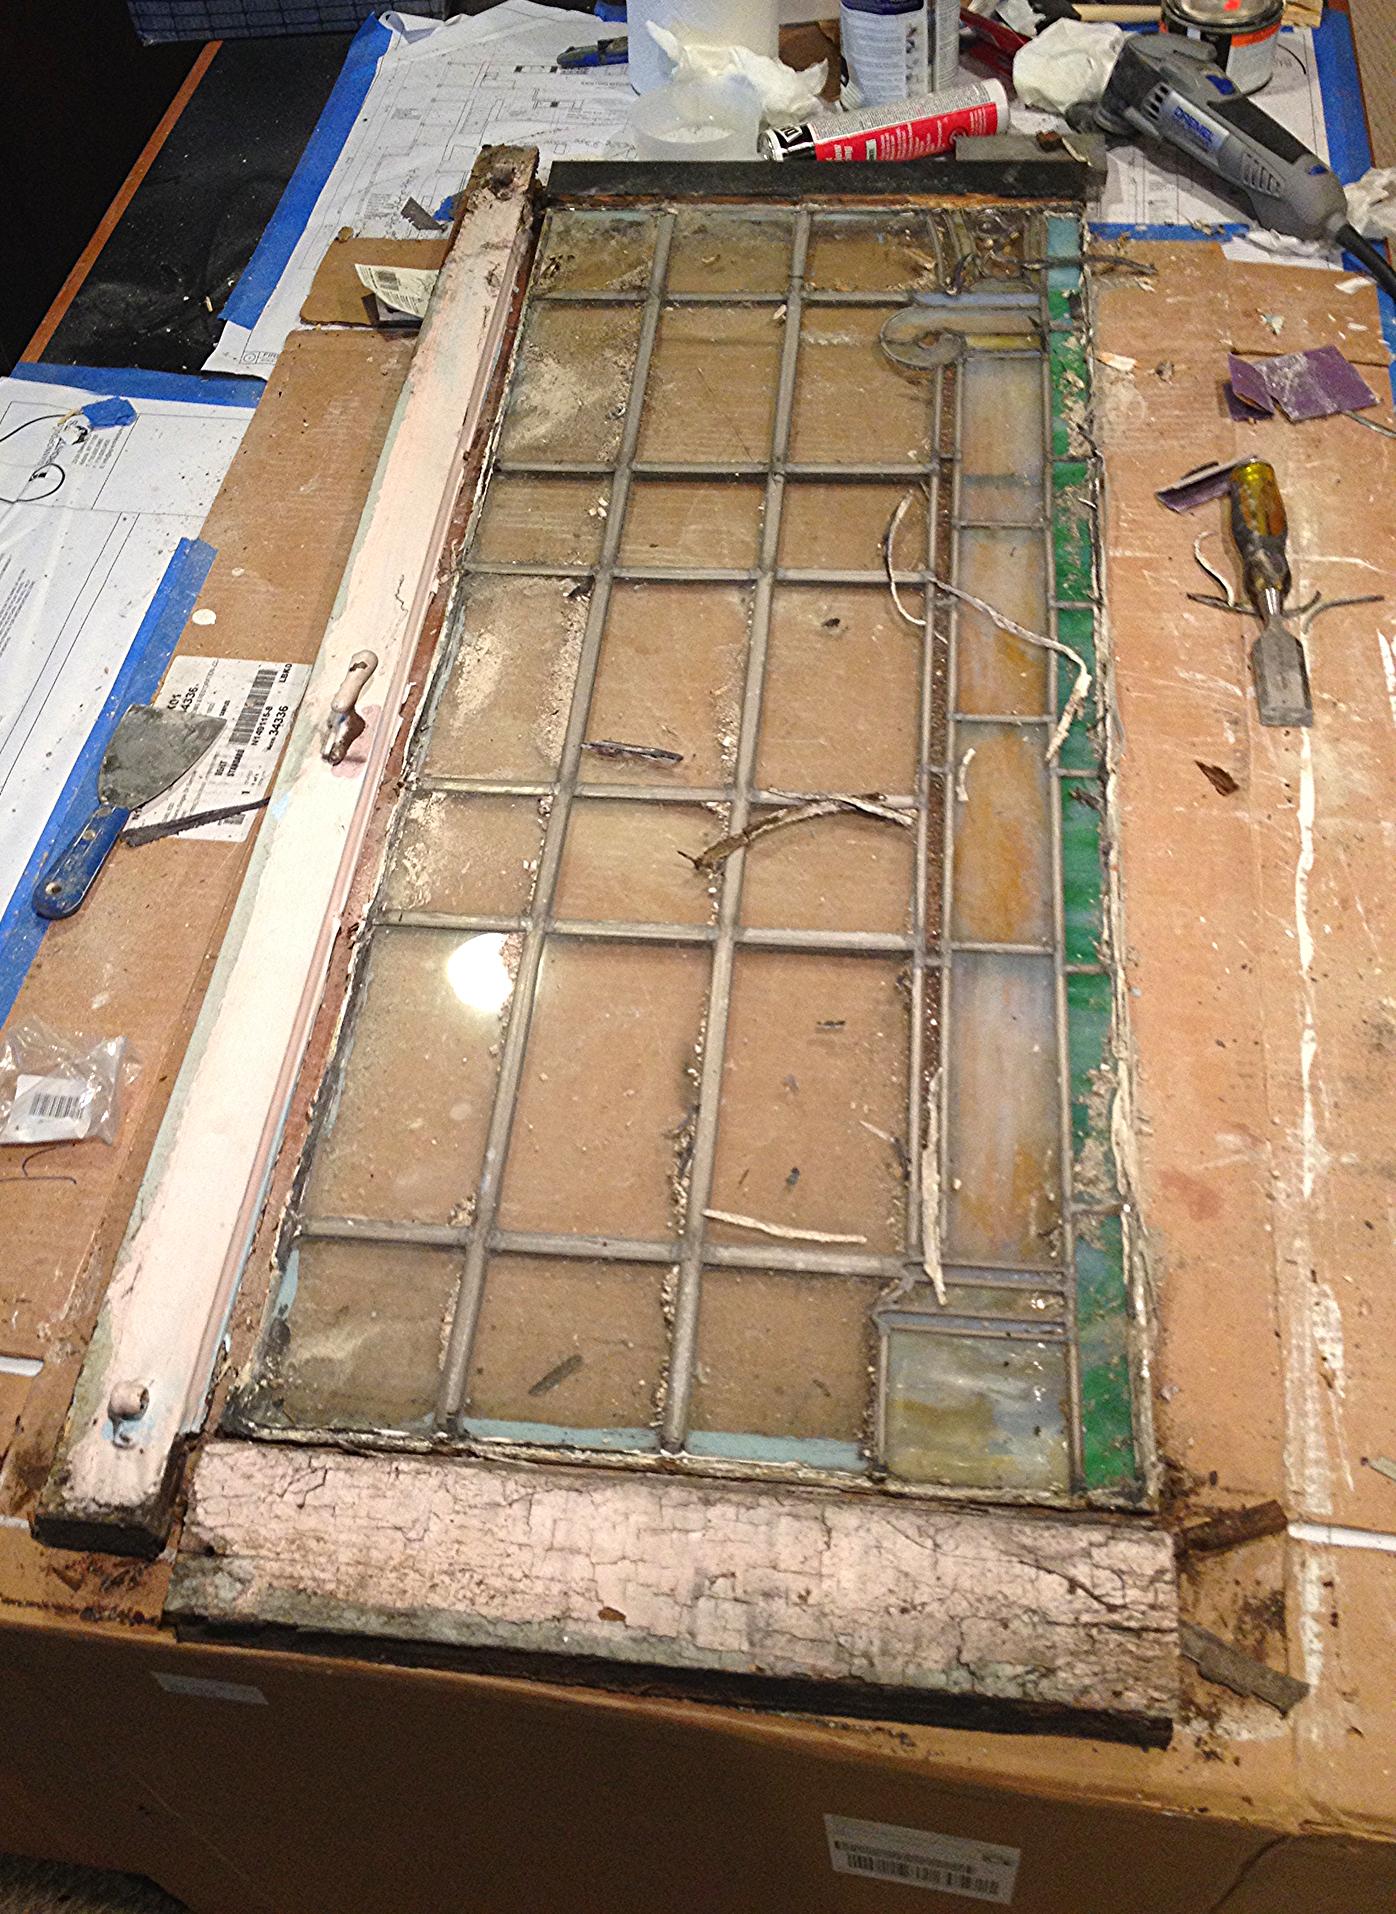 Stain Glas repair